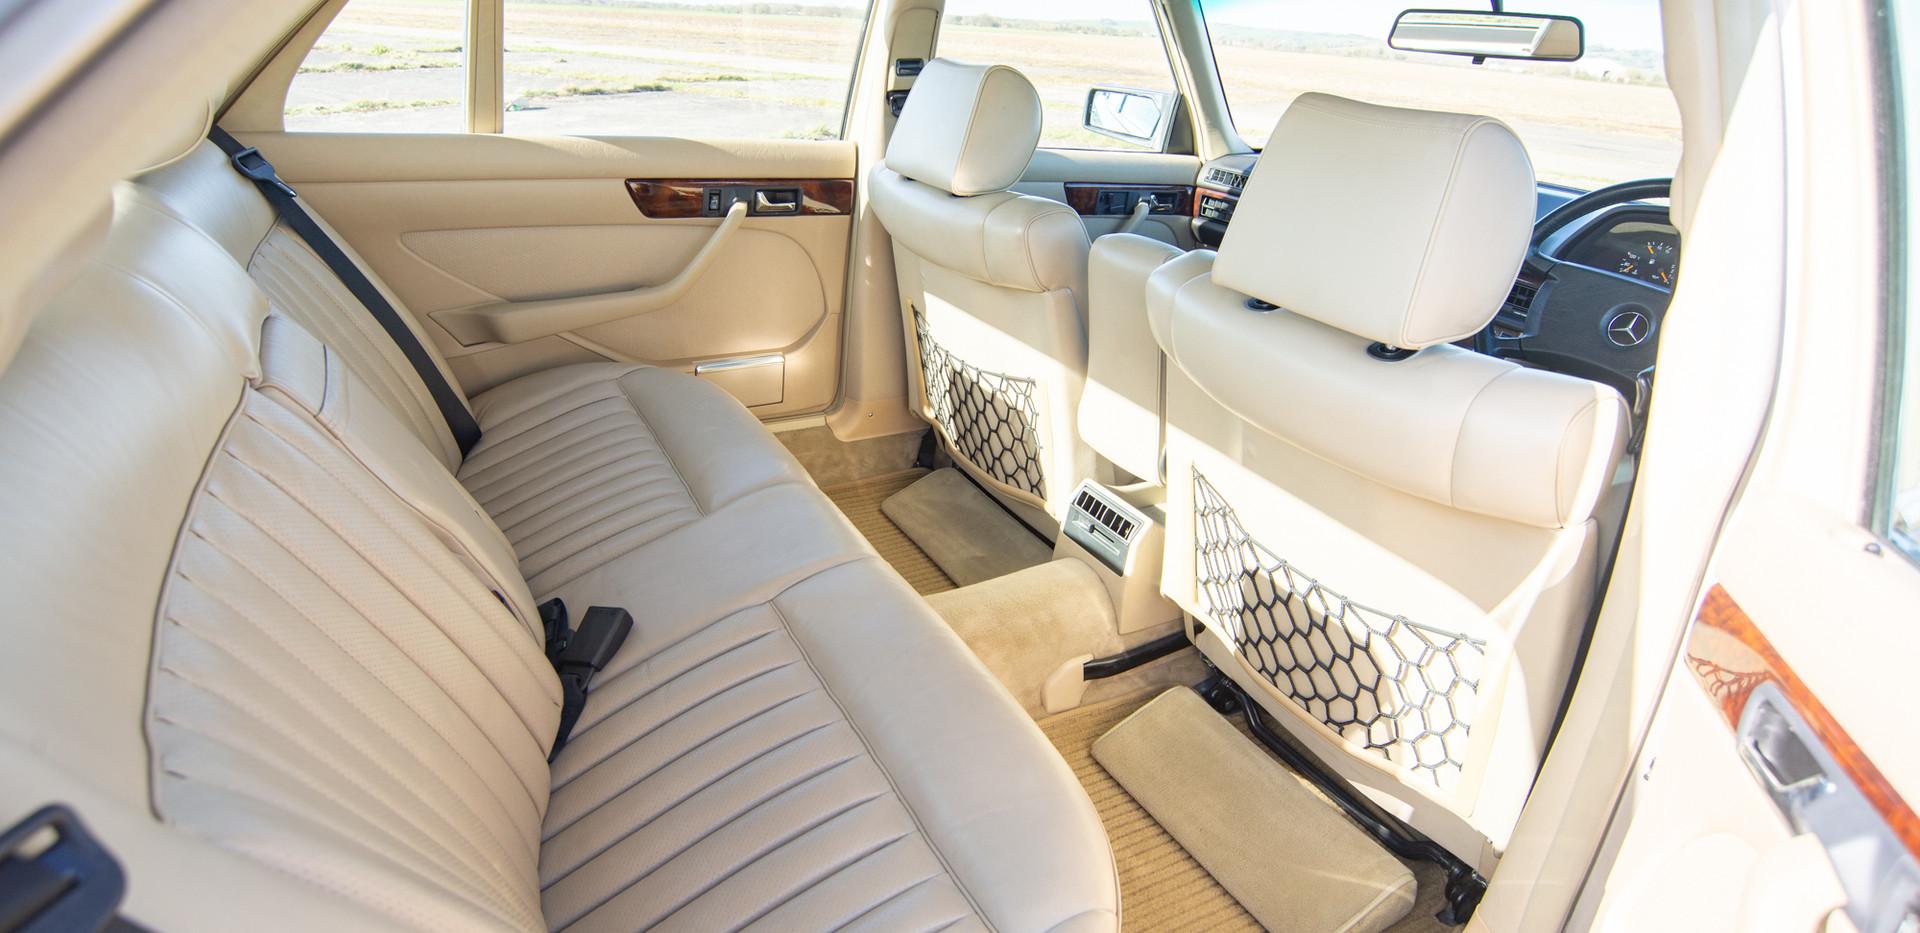 W126 420SEL E3TGW For Sale London-25.jpg